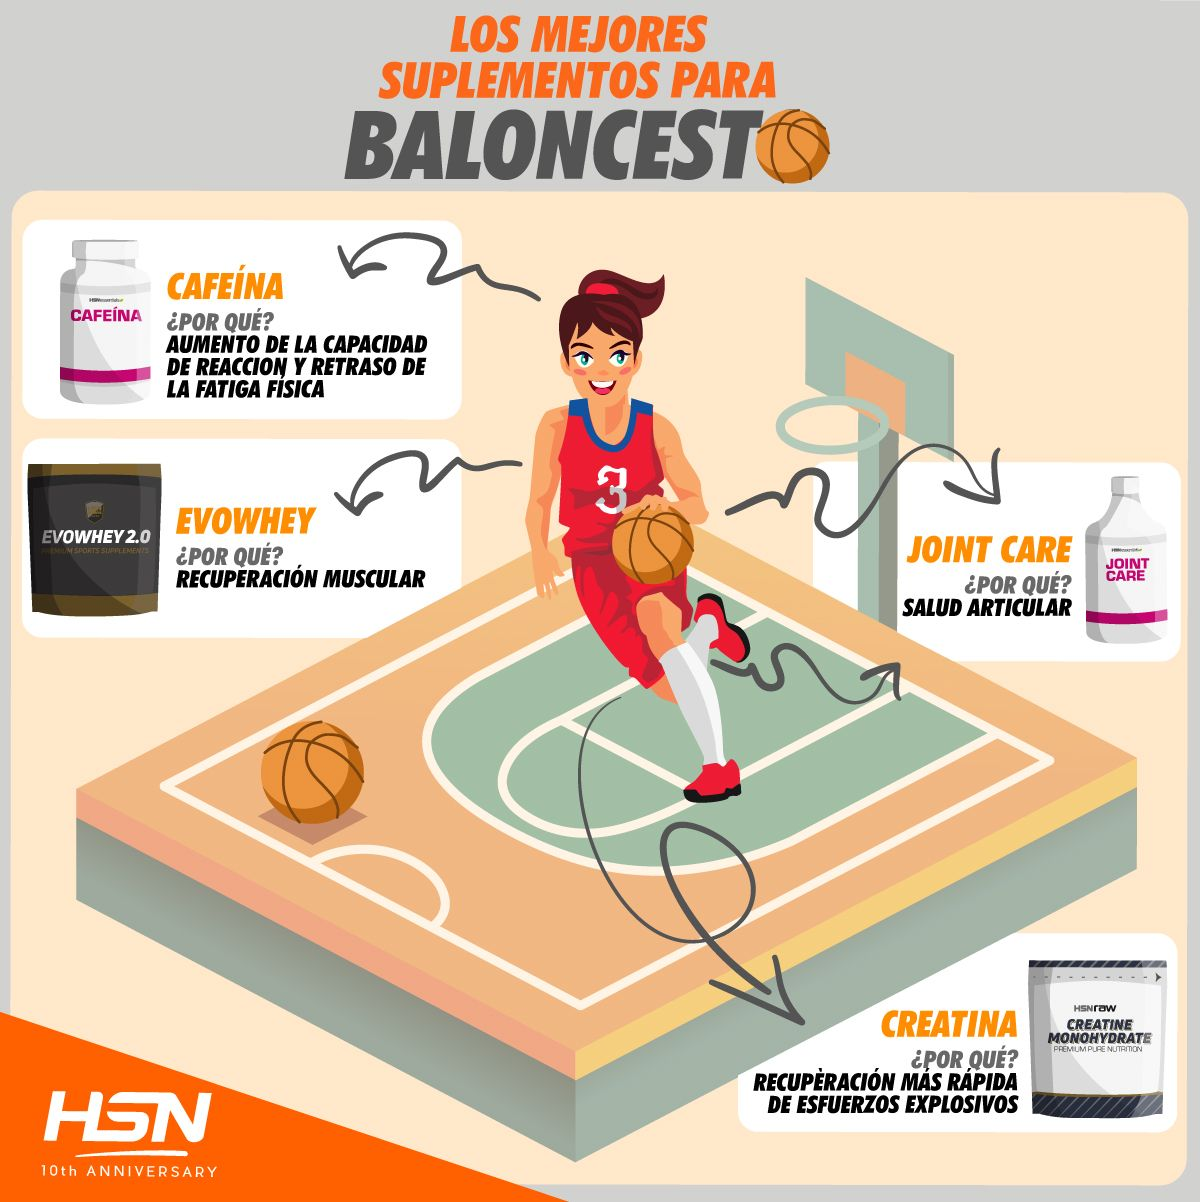 Suplementos para Baloncesto